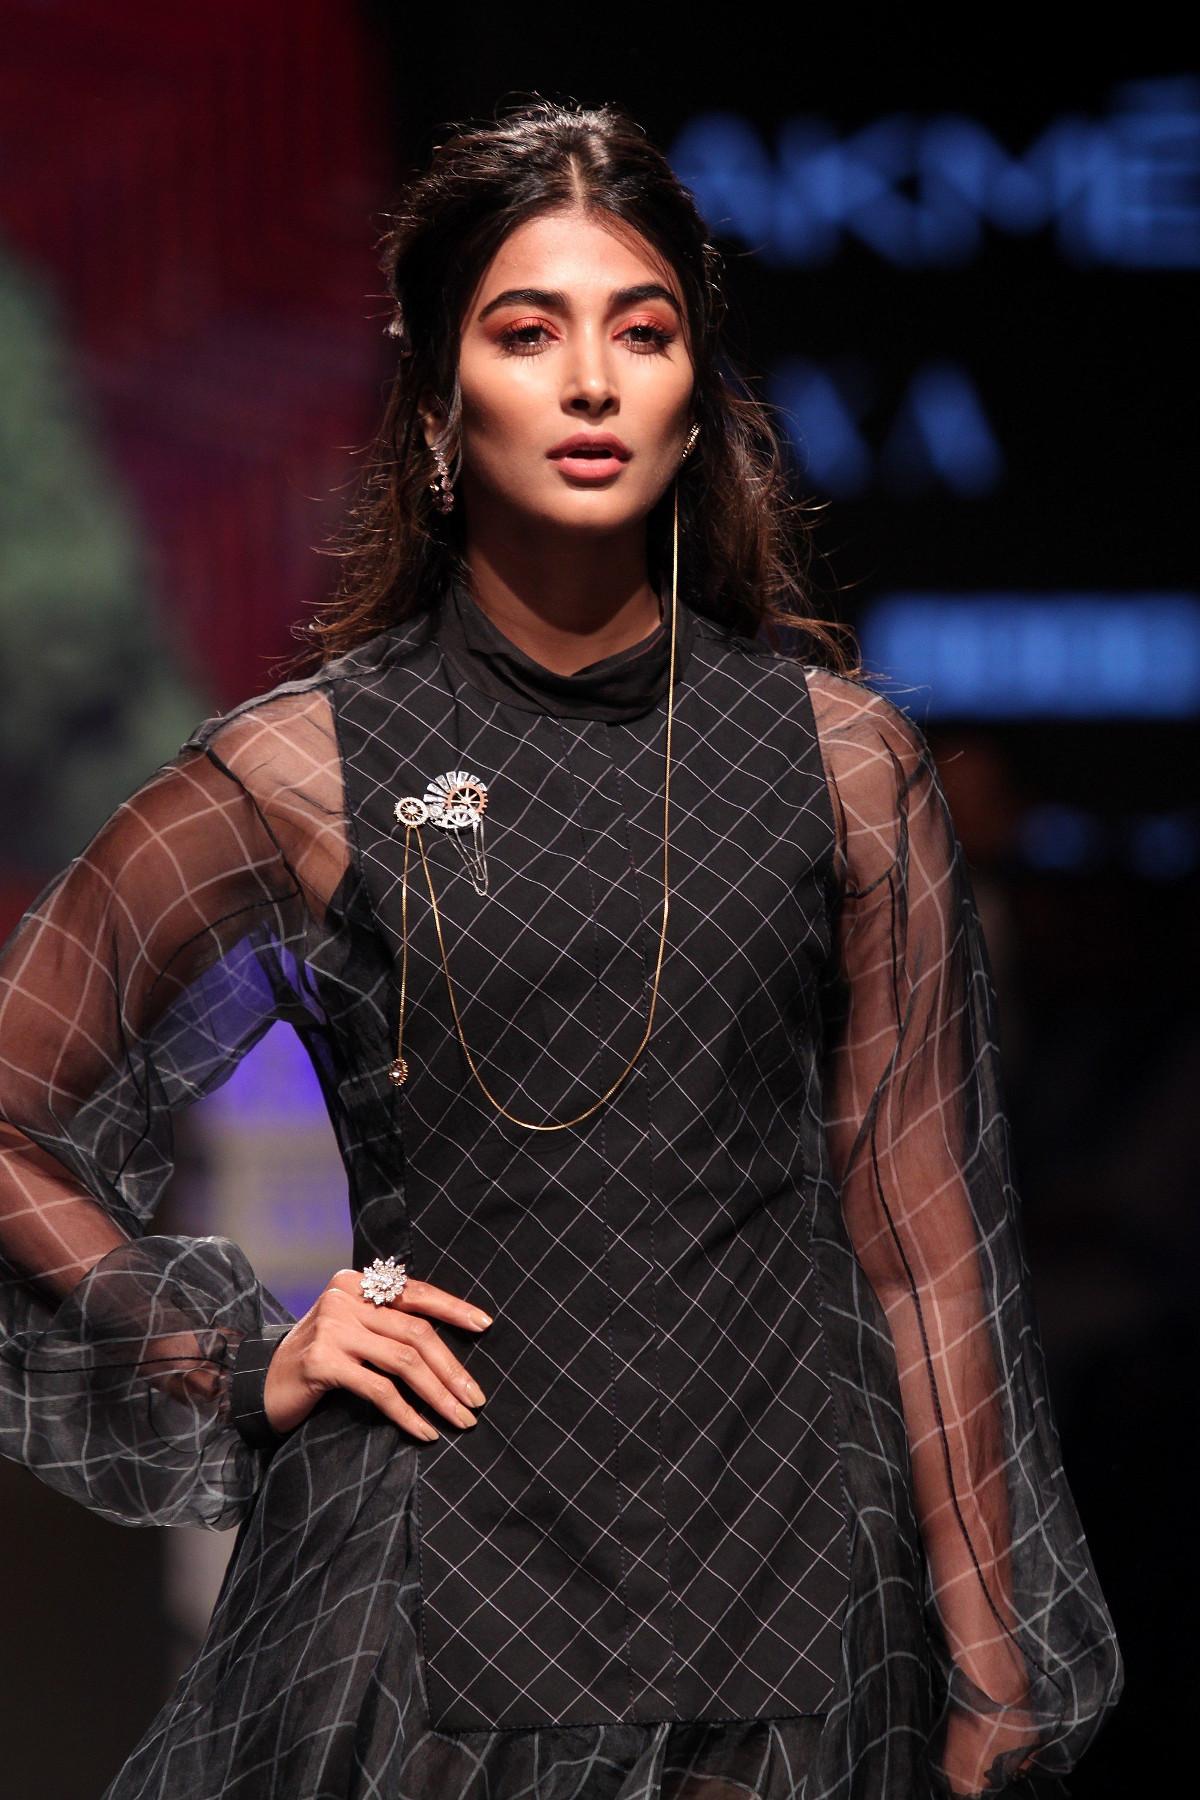 Telugu Actress Pooja Hegde Walks Ramp @ Lakme Fashion Week 2019 Day 4